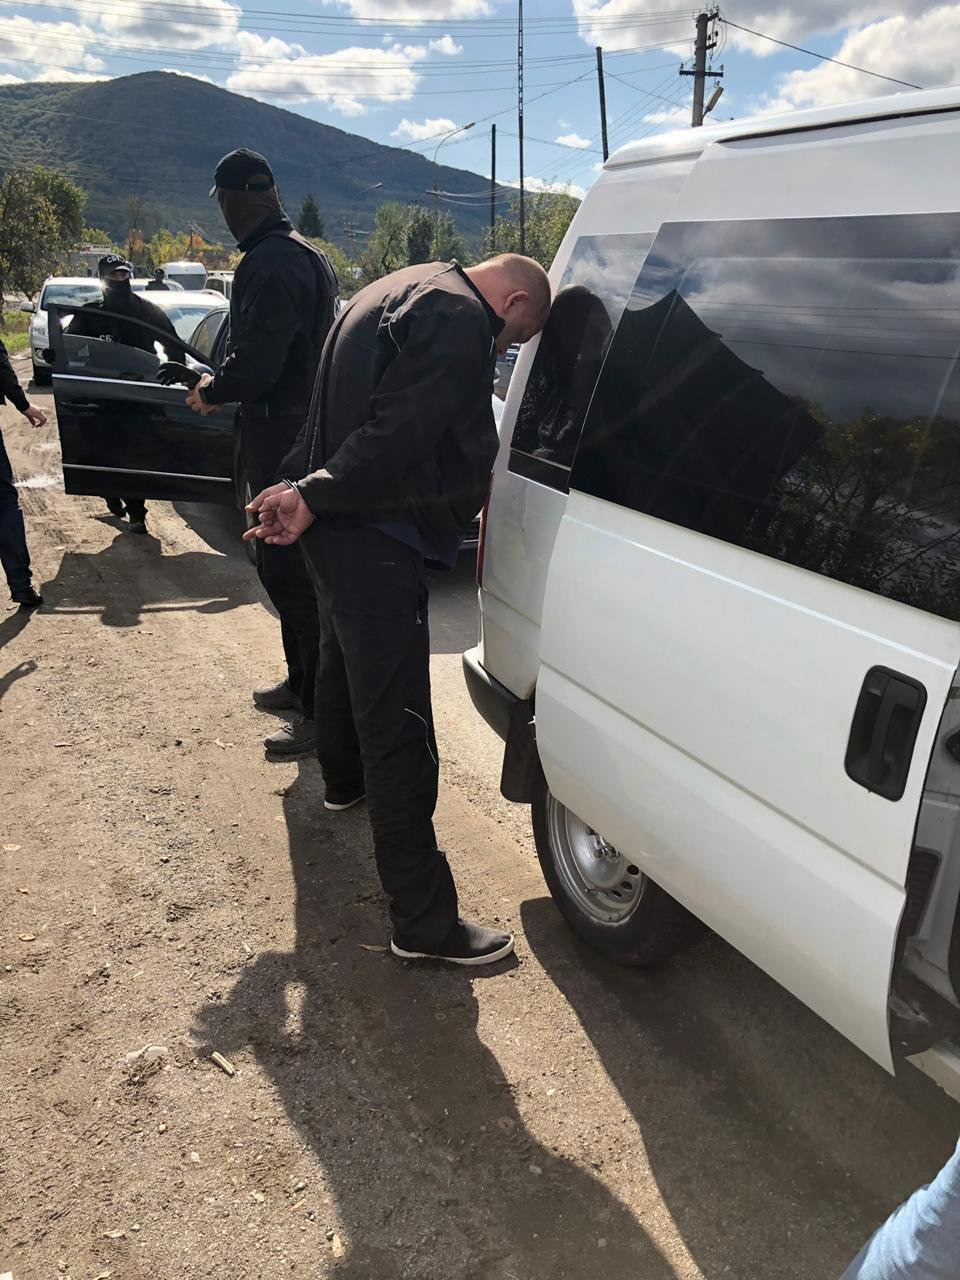 Закарпатці, киянин та молдаванин: з'явились фото та відео із затримання СБУ переправників нелегалів, фото-4